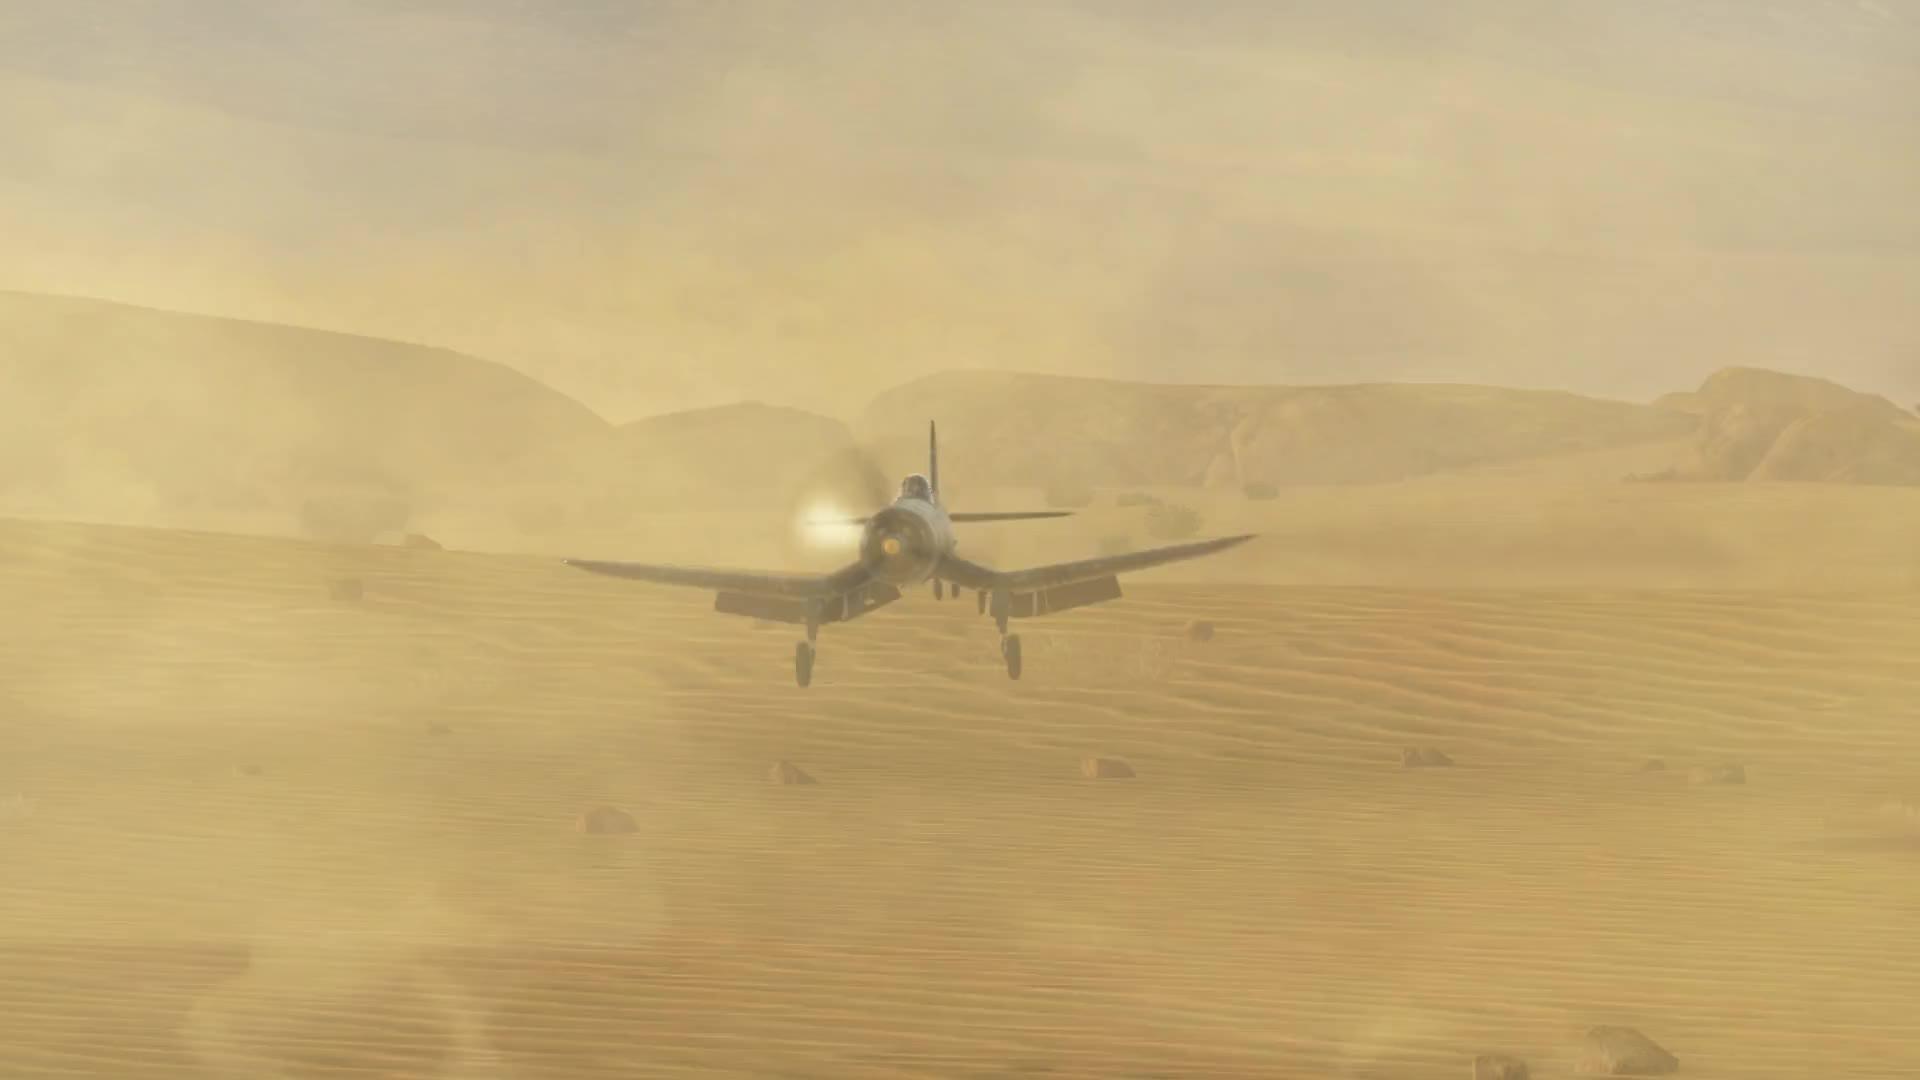 F4U-1d, M551, War Thunder, aircraft, tank, Close Air Support redefined GIFs